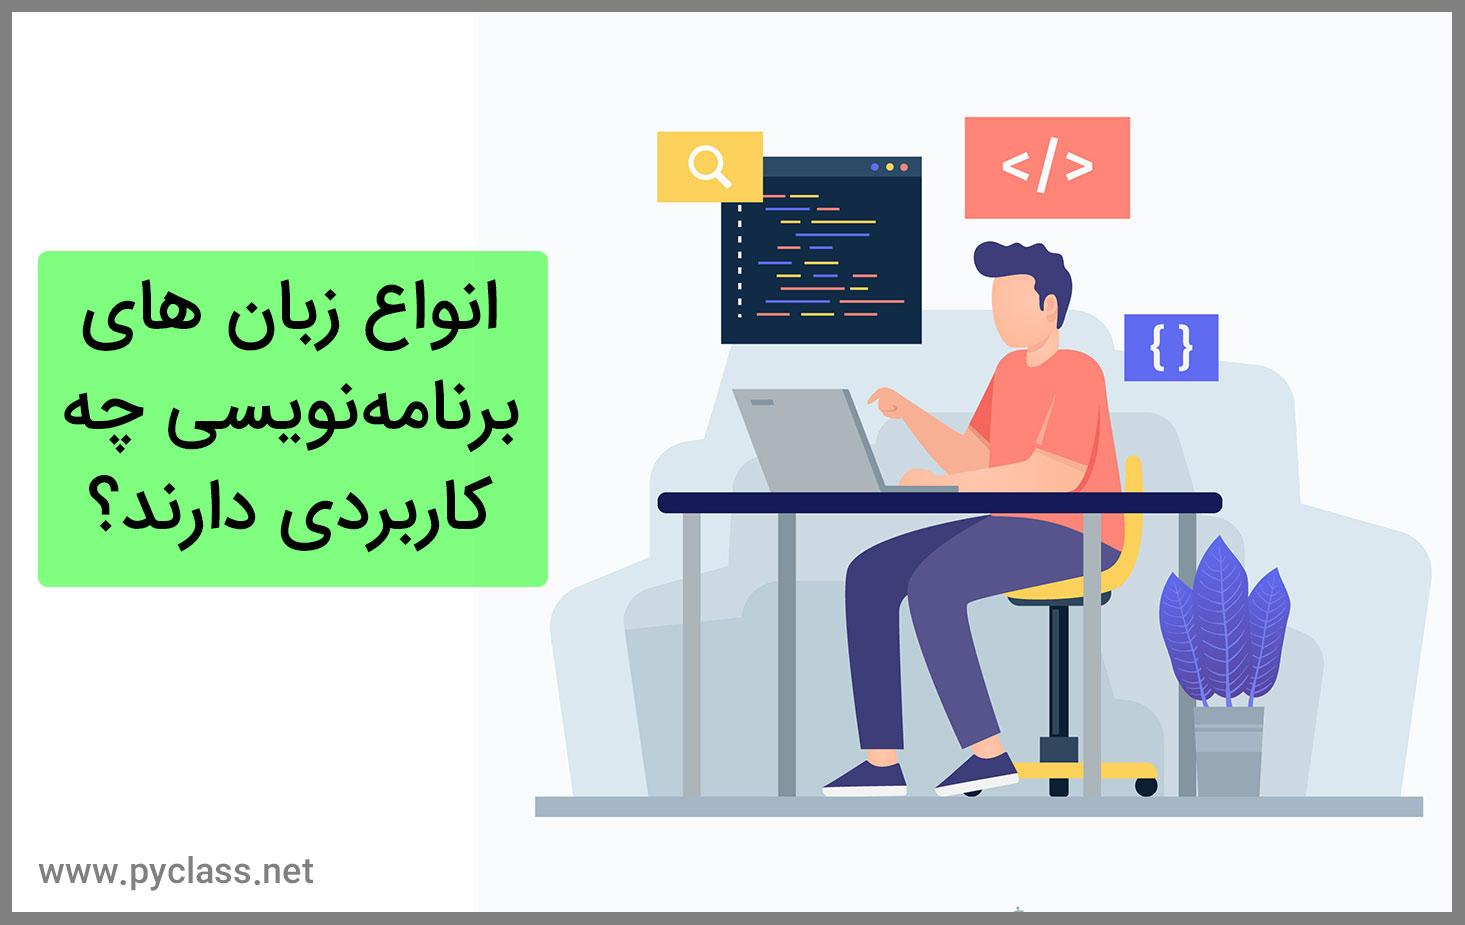 انواع زبان های برنامهنویسی چه کاربردی دارند؟